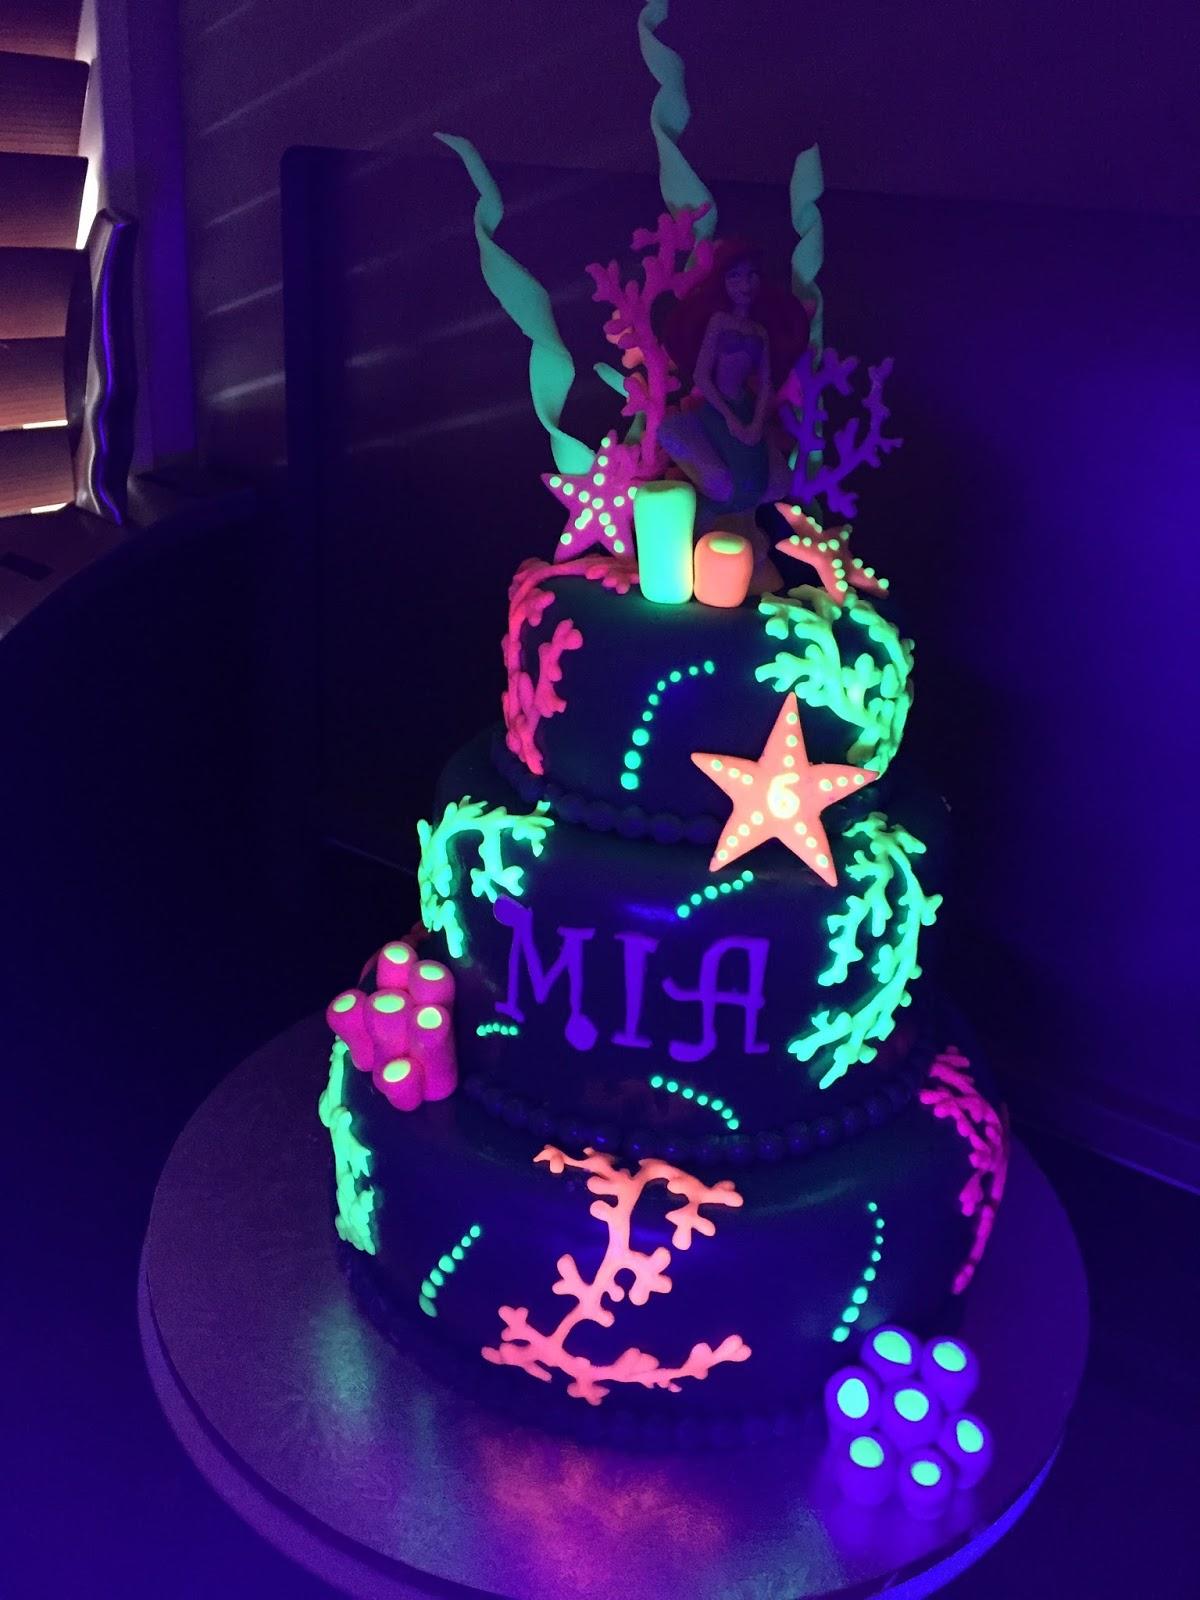 Kiwi Cakes: Glow in the dark cake - from Kiwicaker Sonja ...